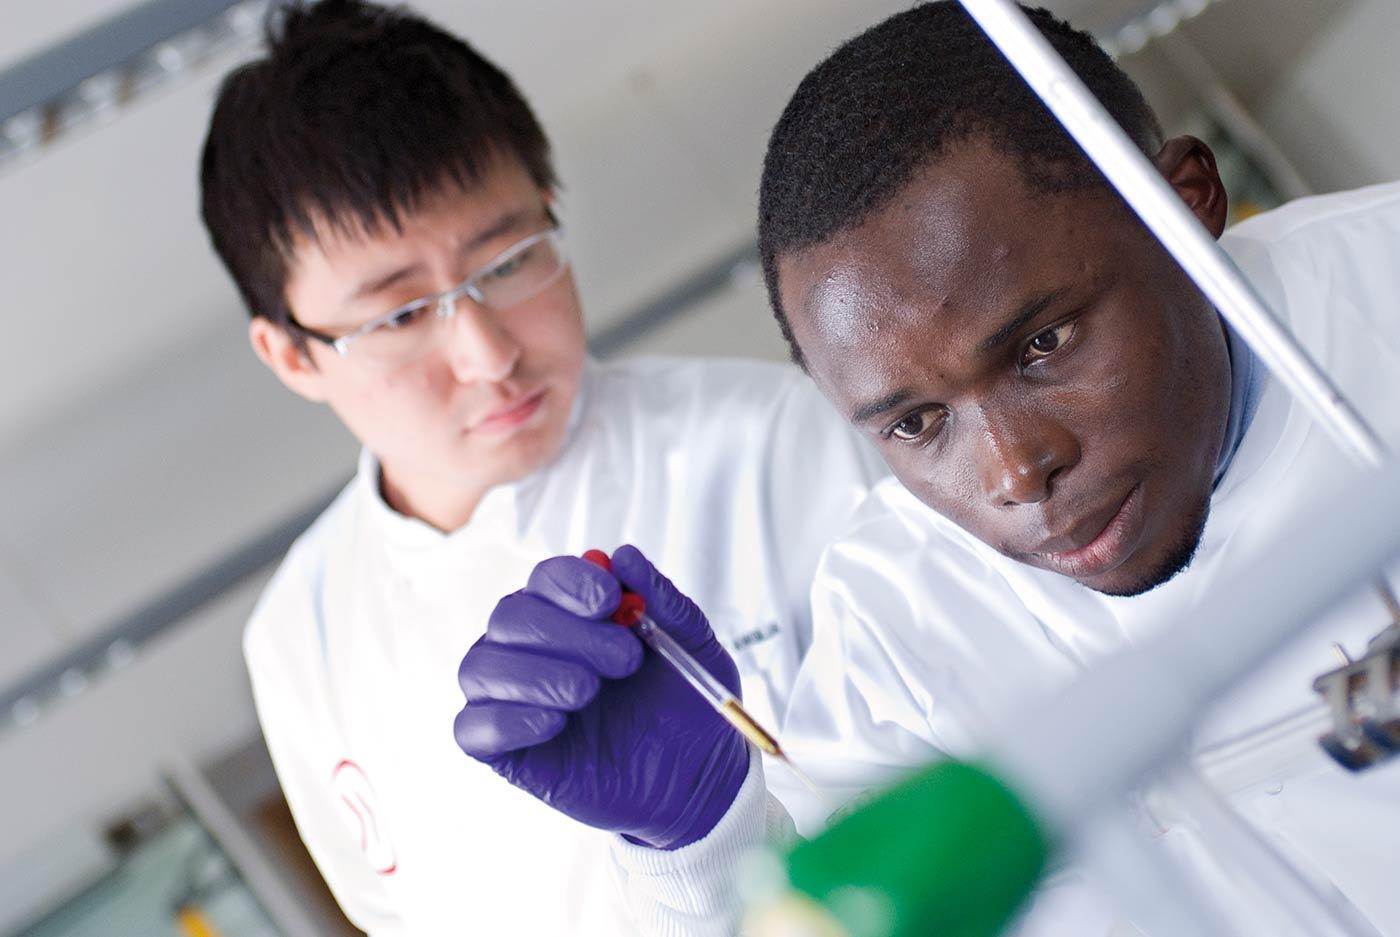 تقدّم بنسبة 100% لجامعات الطب وطب الأسنان والطب البيطري في عام 2015